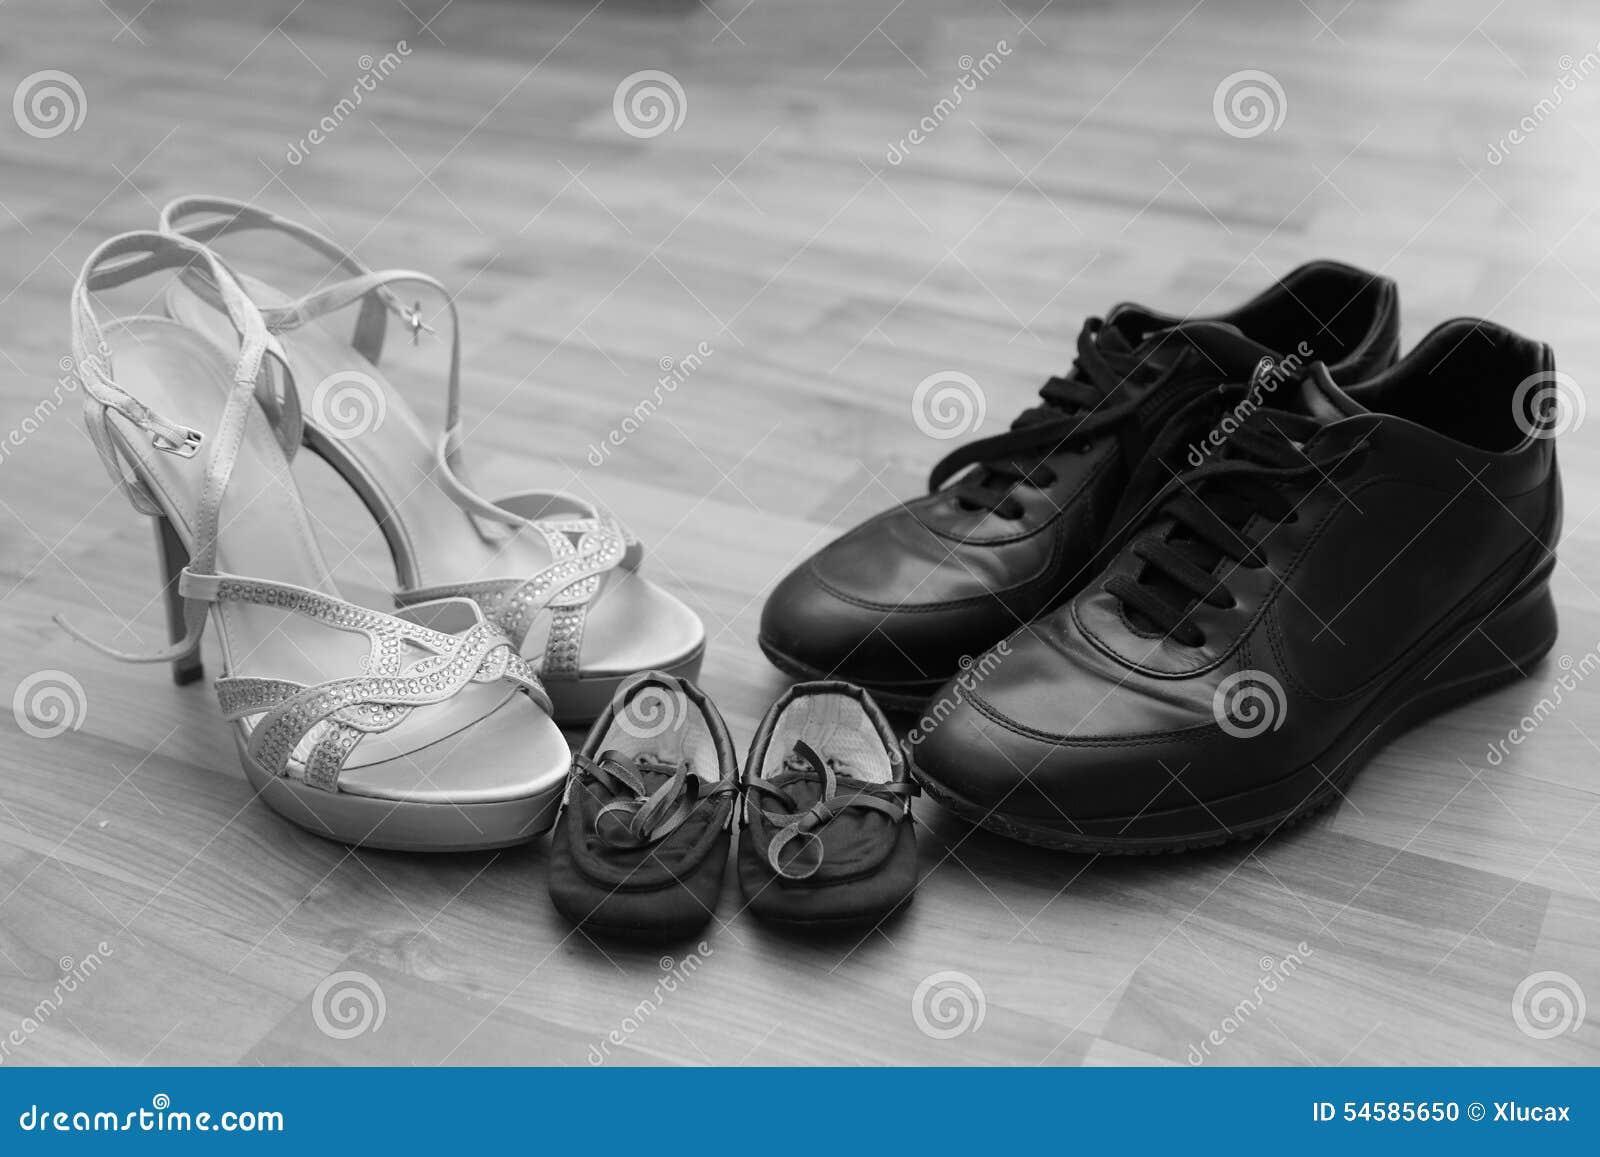 Fils Ont Ensemble De Papa Attaché Chaussures Le Et Maman Les cKFlT1J